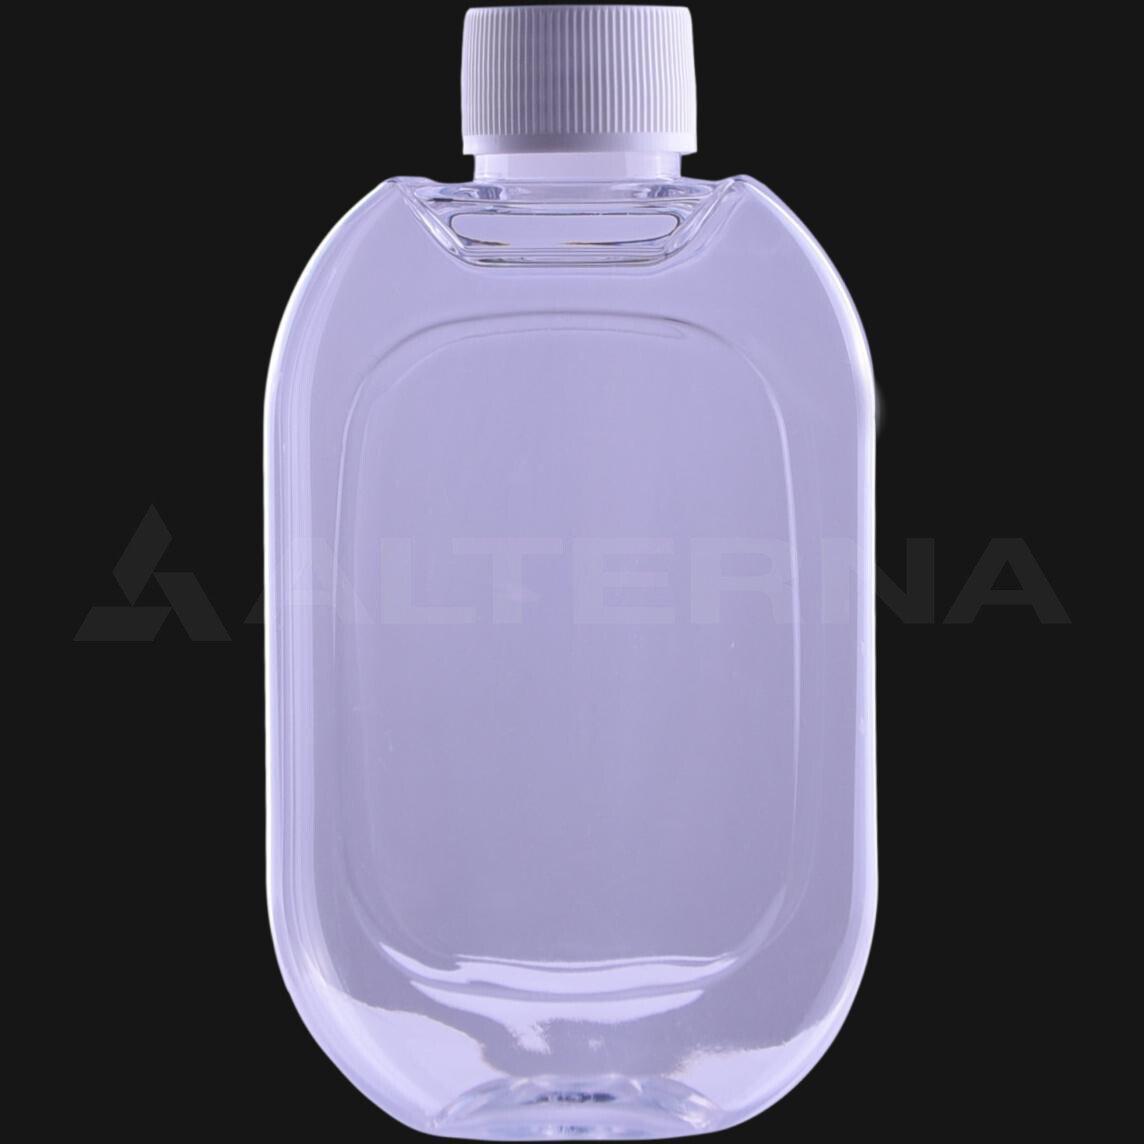 200 ml PET Flat Bottle with 24 mm Foam Seal Cap